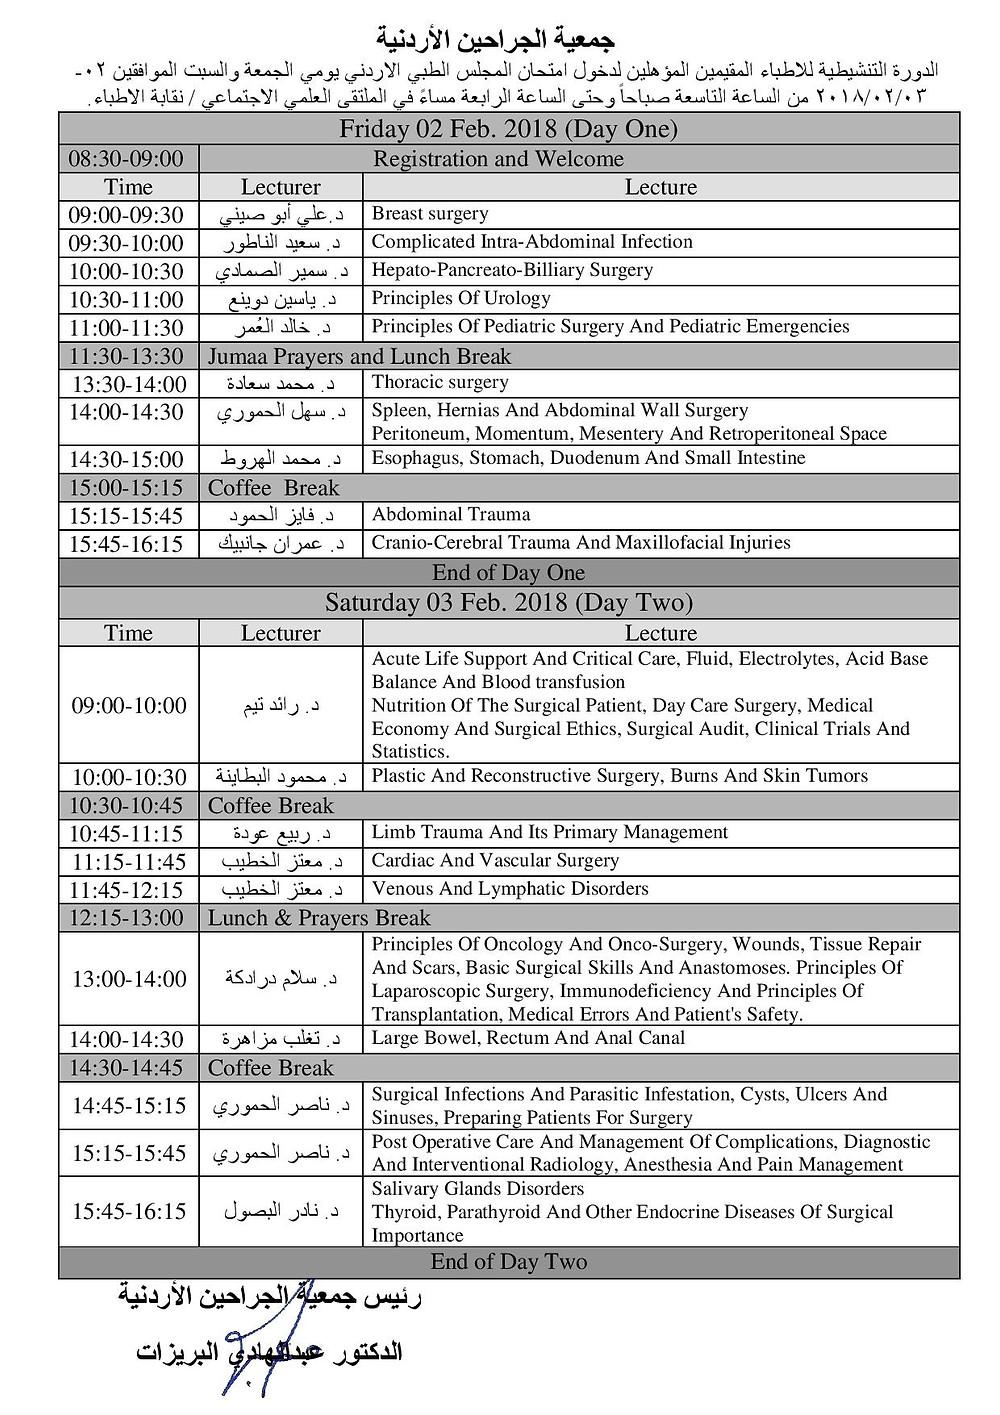 برنامج الدورة التنشيطية للأطباء المقيمين